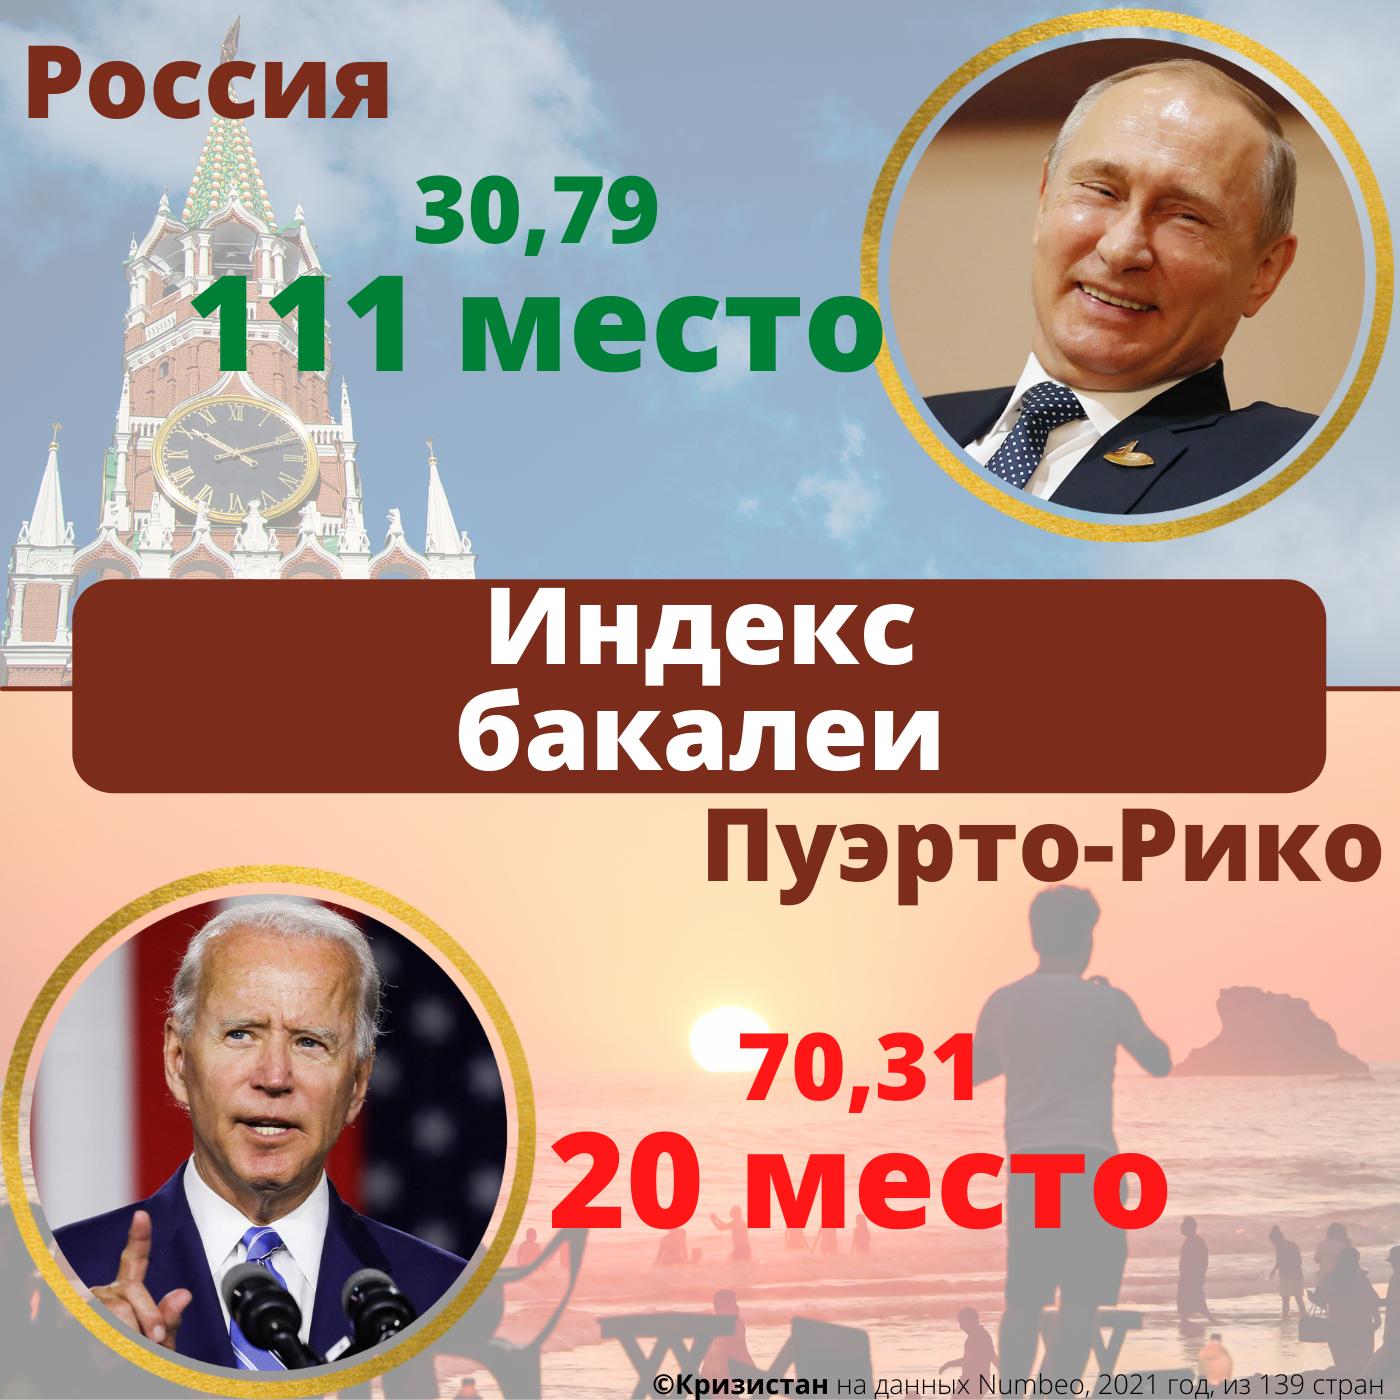 Уровень цен на продукты в России и Пуэрто-Рико